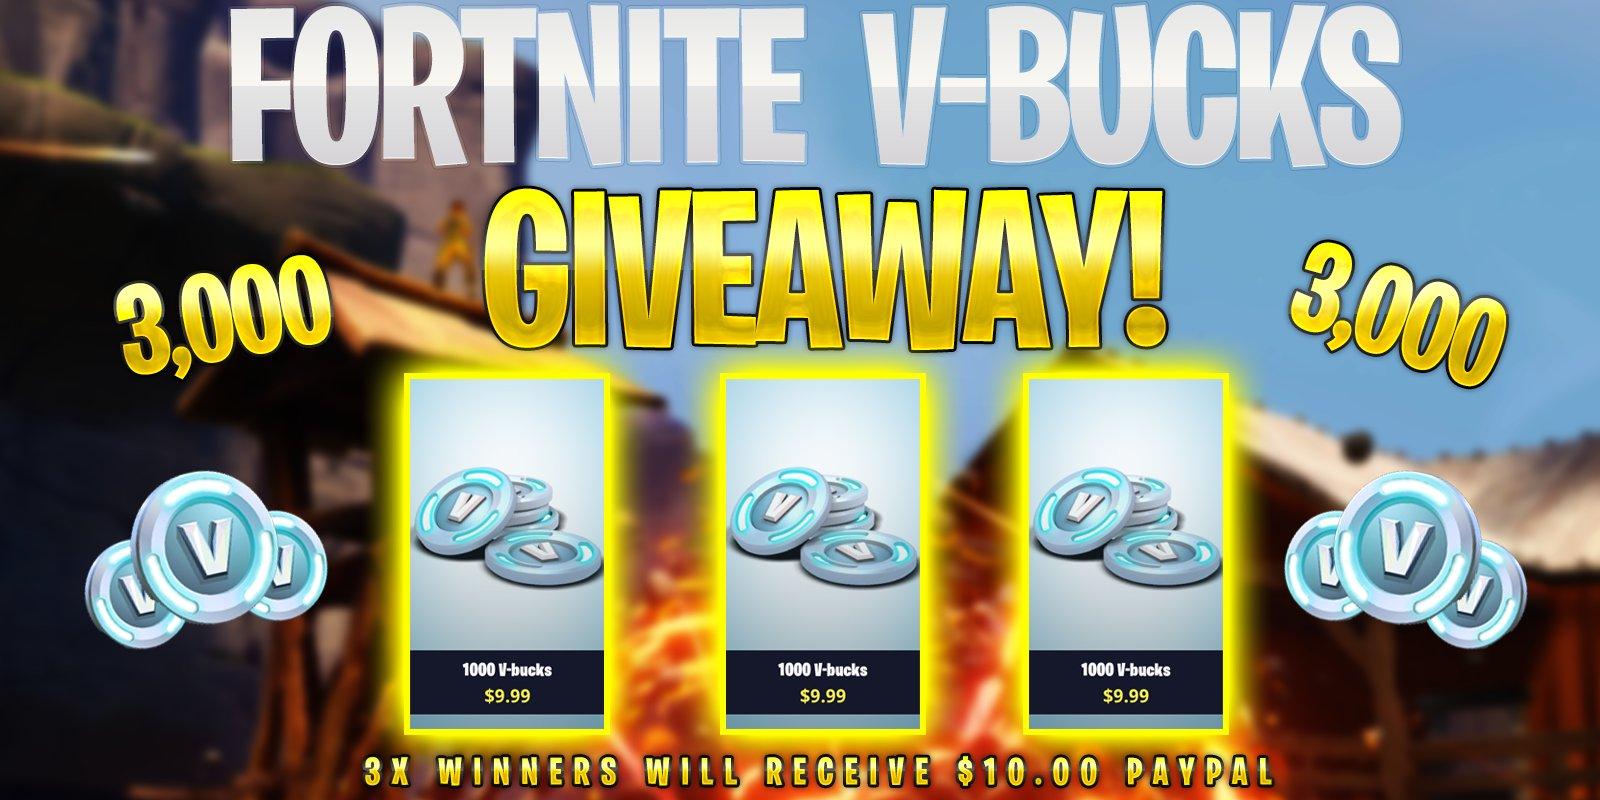 Code Dns Fortnite V Buck | All The Fortnite Battle Royale Skins